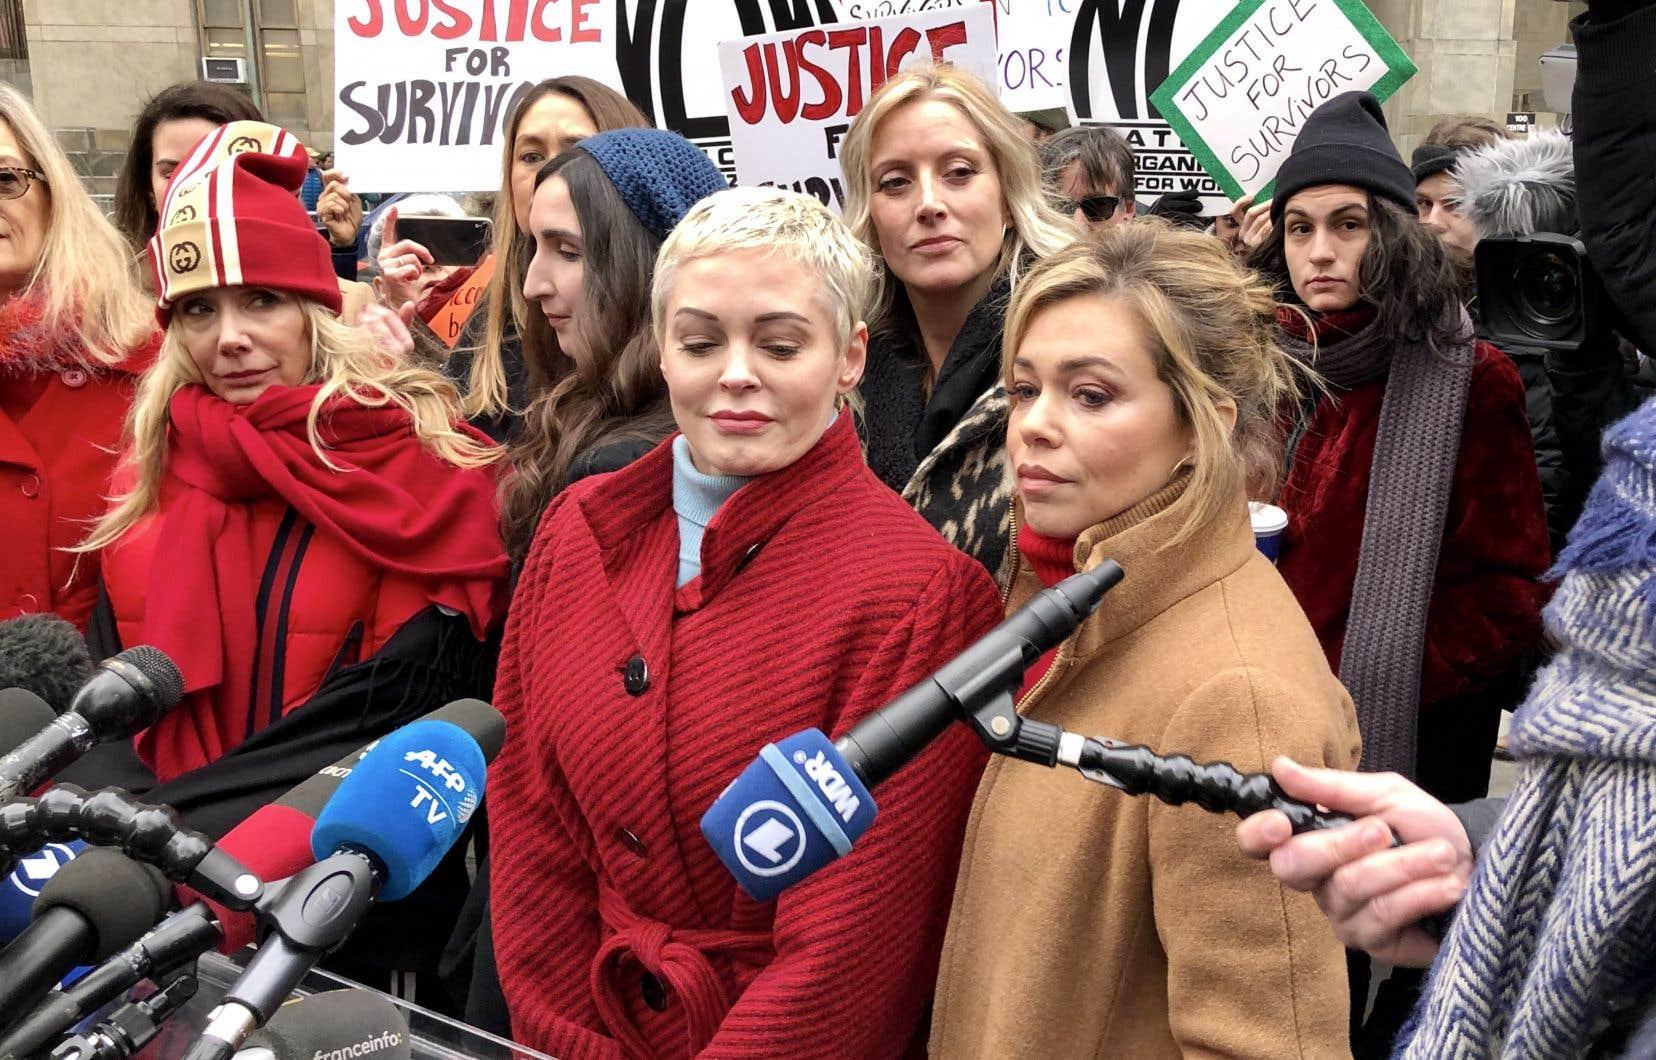 Les actrices Rosanna Arquette (au premier plan, avec un bonnet) et Rose McGowan (au centre) étaient au nombre des dénonciatrices de Harvey Weinstein à s'être présentées devant le tribunal new-yorkais où s'ouvrait lundi son procès.